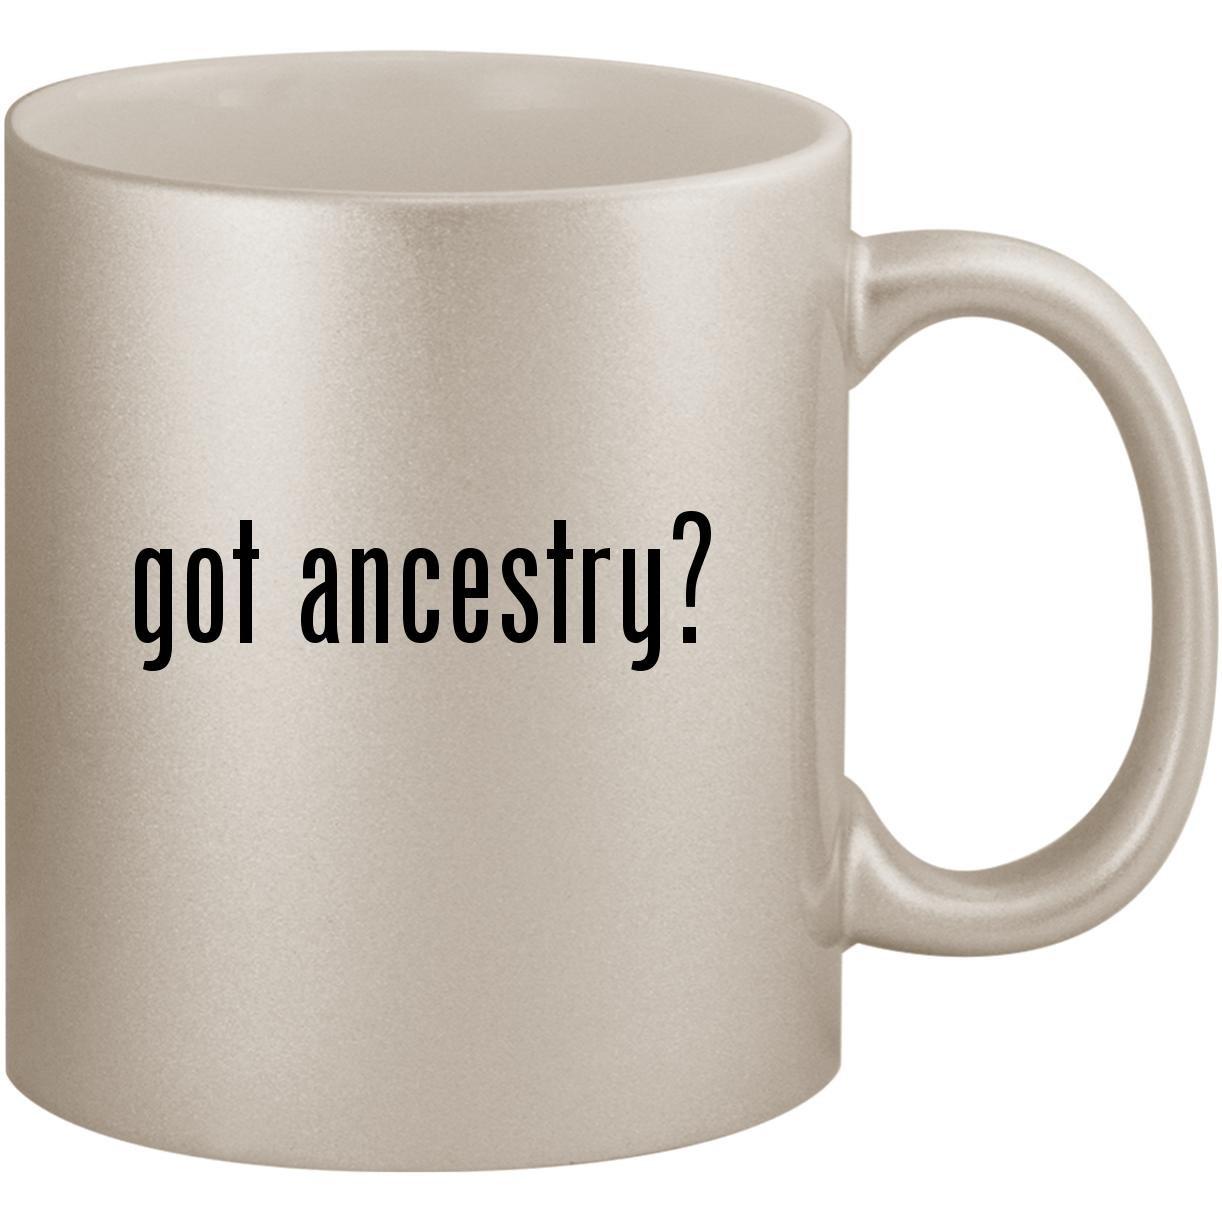 got ancestry? - 11oz Ceramic Coffee Mug Cup, Silver